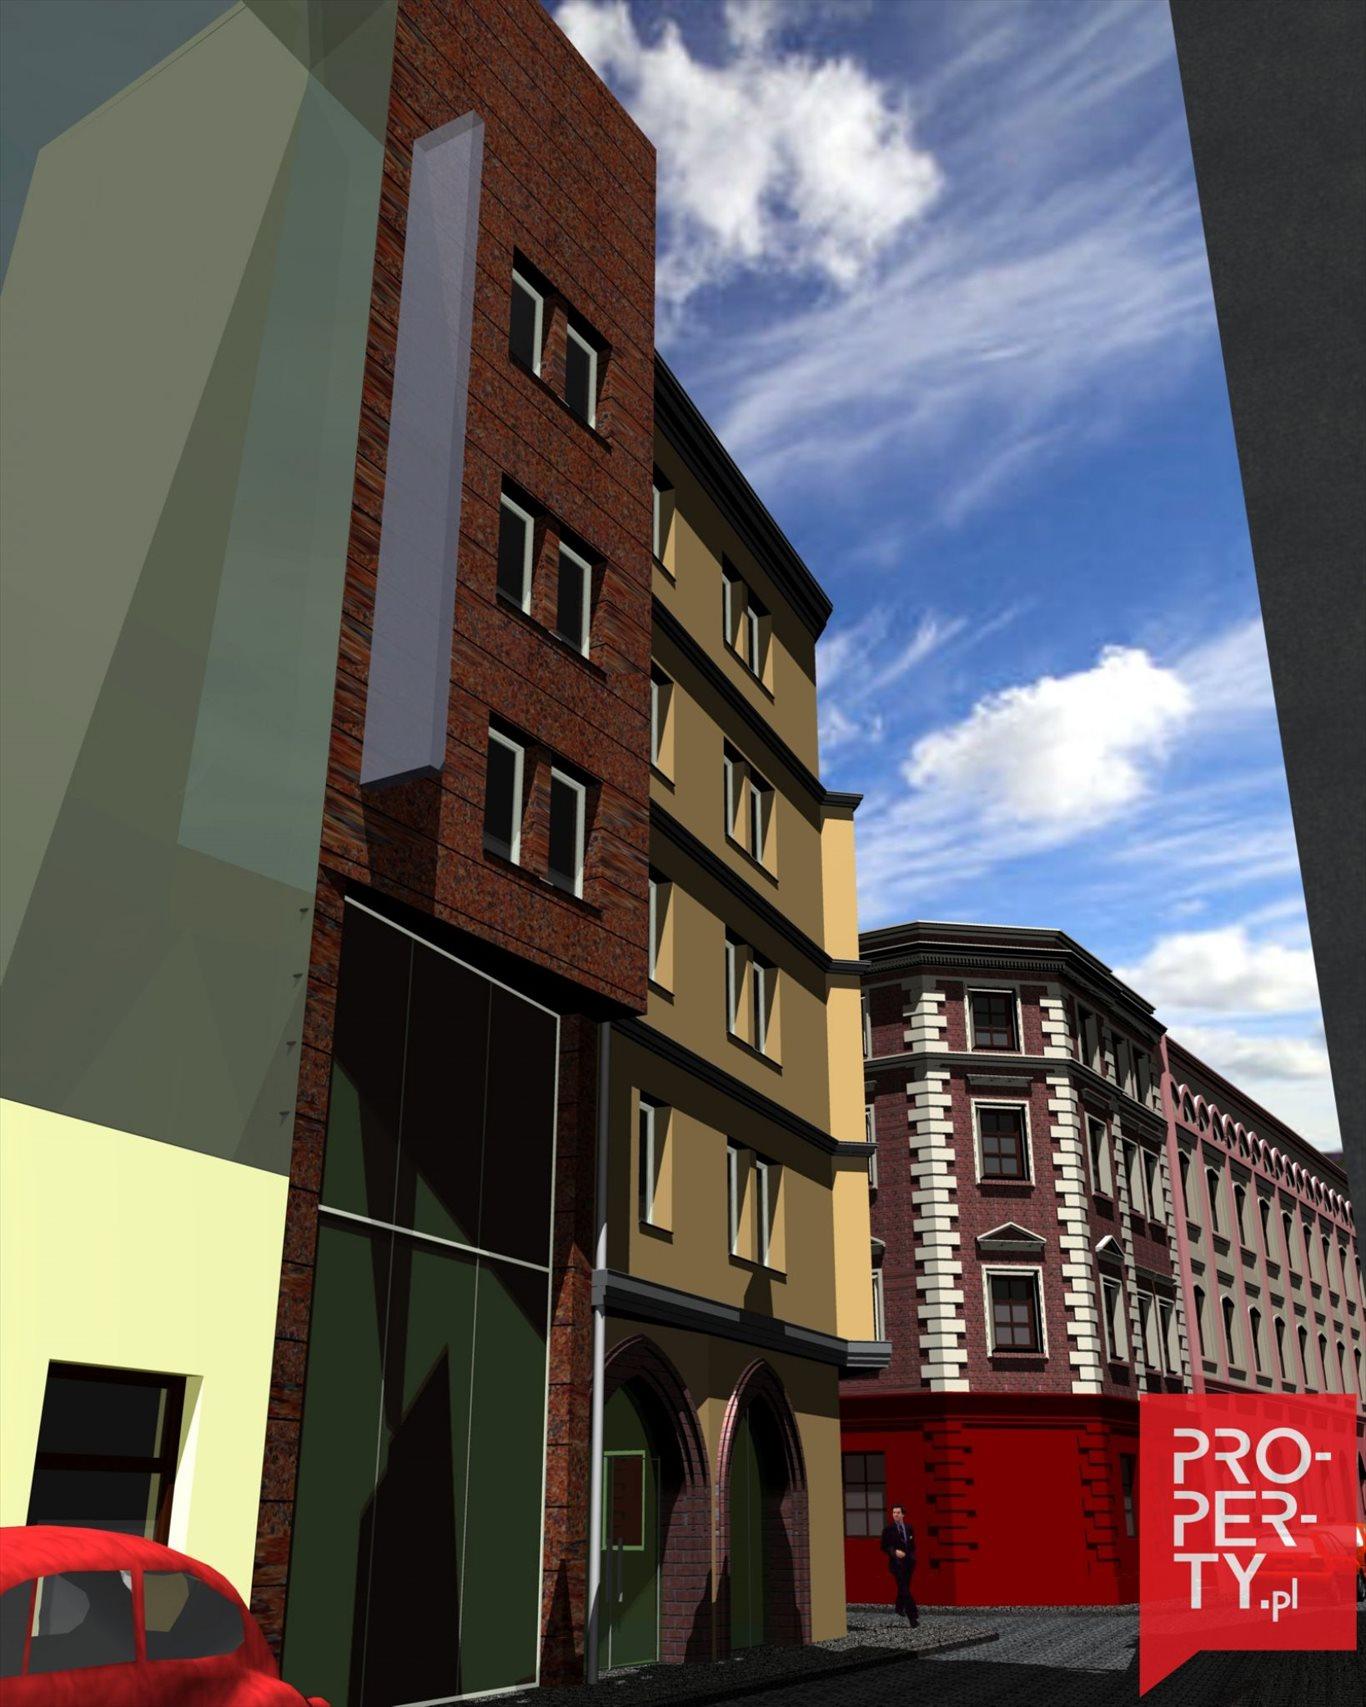 Działka budowlana na sprzedaż Bytom, Rozbark, Mariacka  290m2 Foto 5